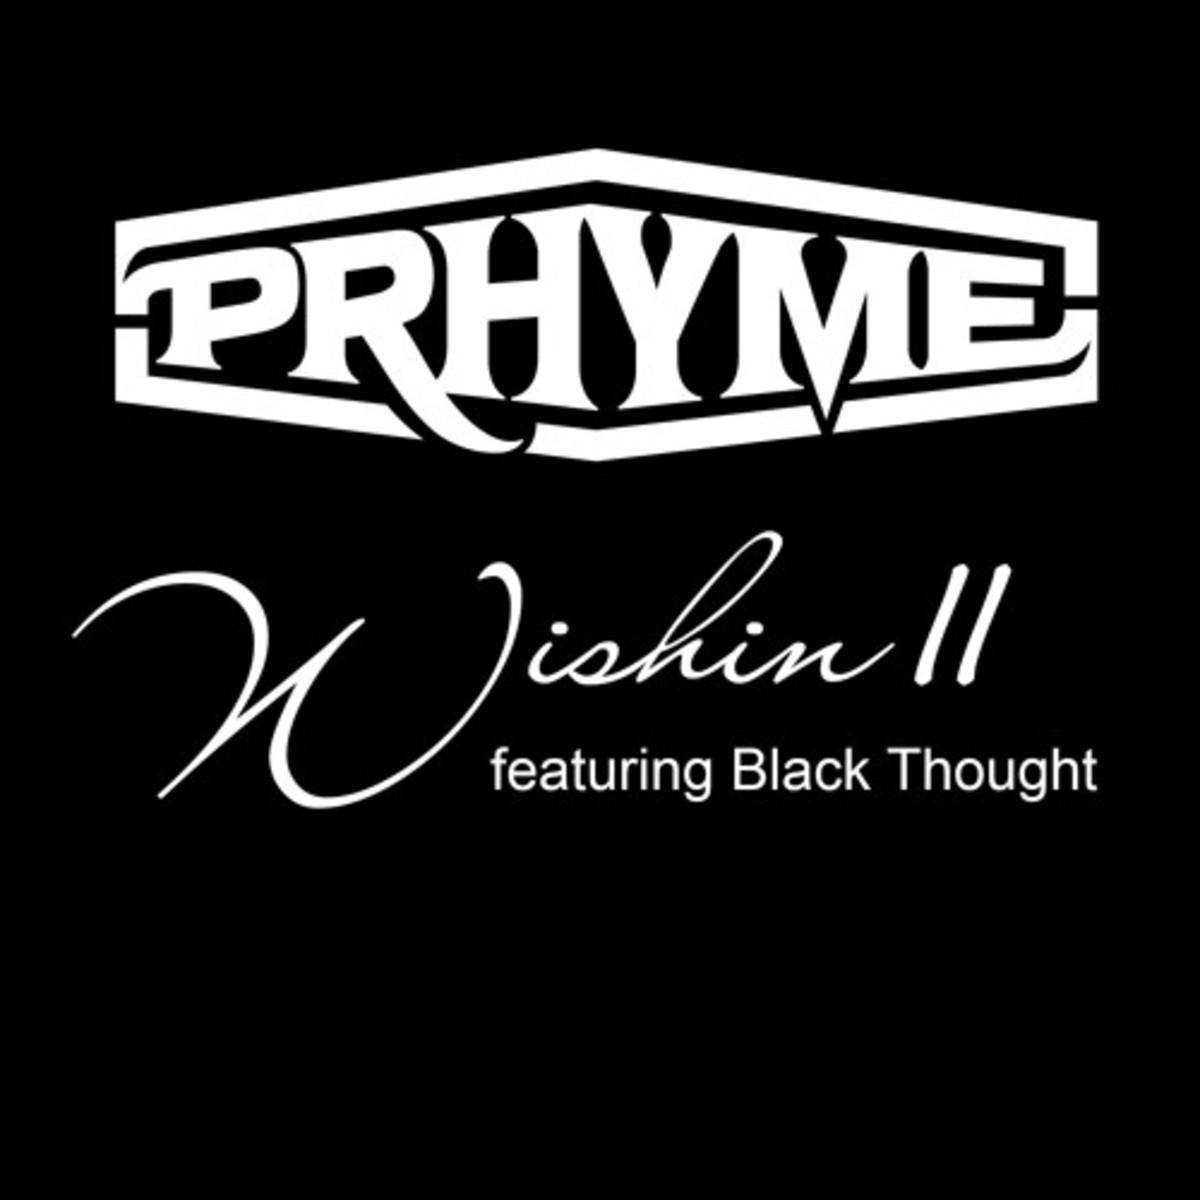 prhyme-wishin-ii.jpg